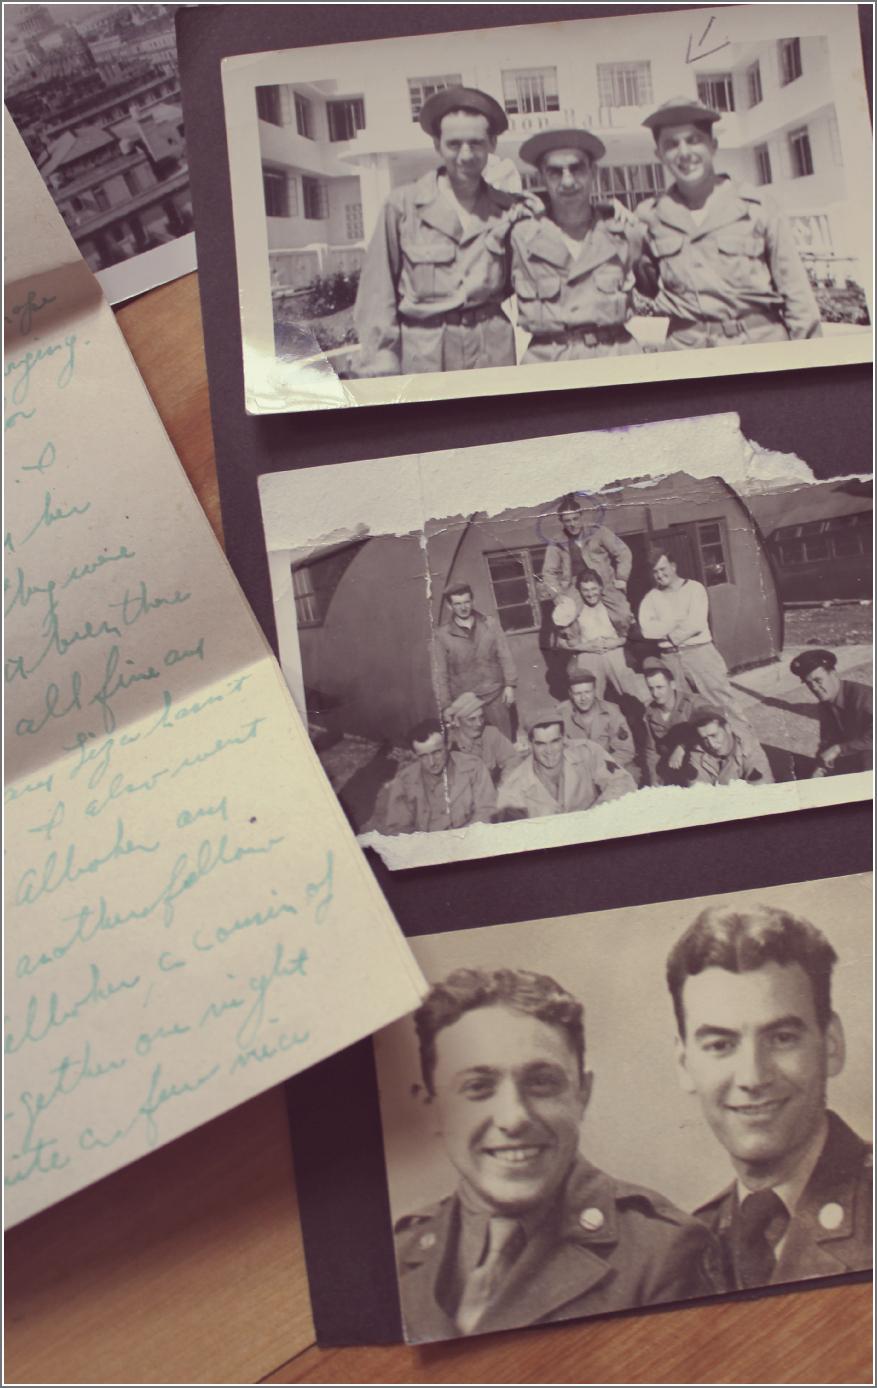 Abe Testa WWII Photos by Dena Testa Bray©